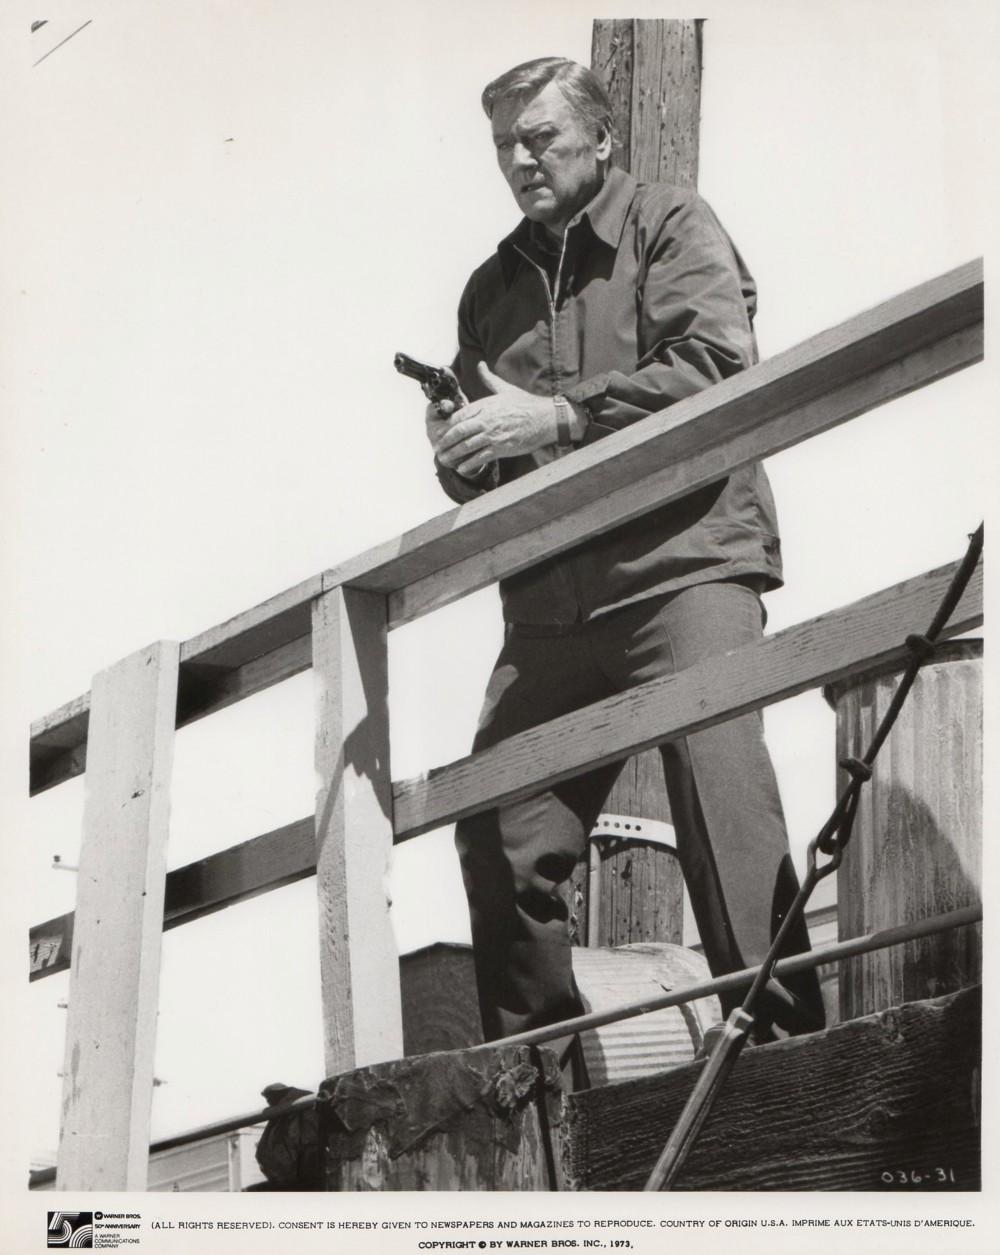 Un silencieux au bout du canon - McQ - 1974 Wayne910